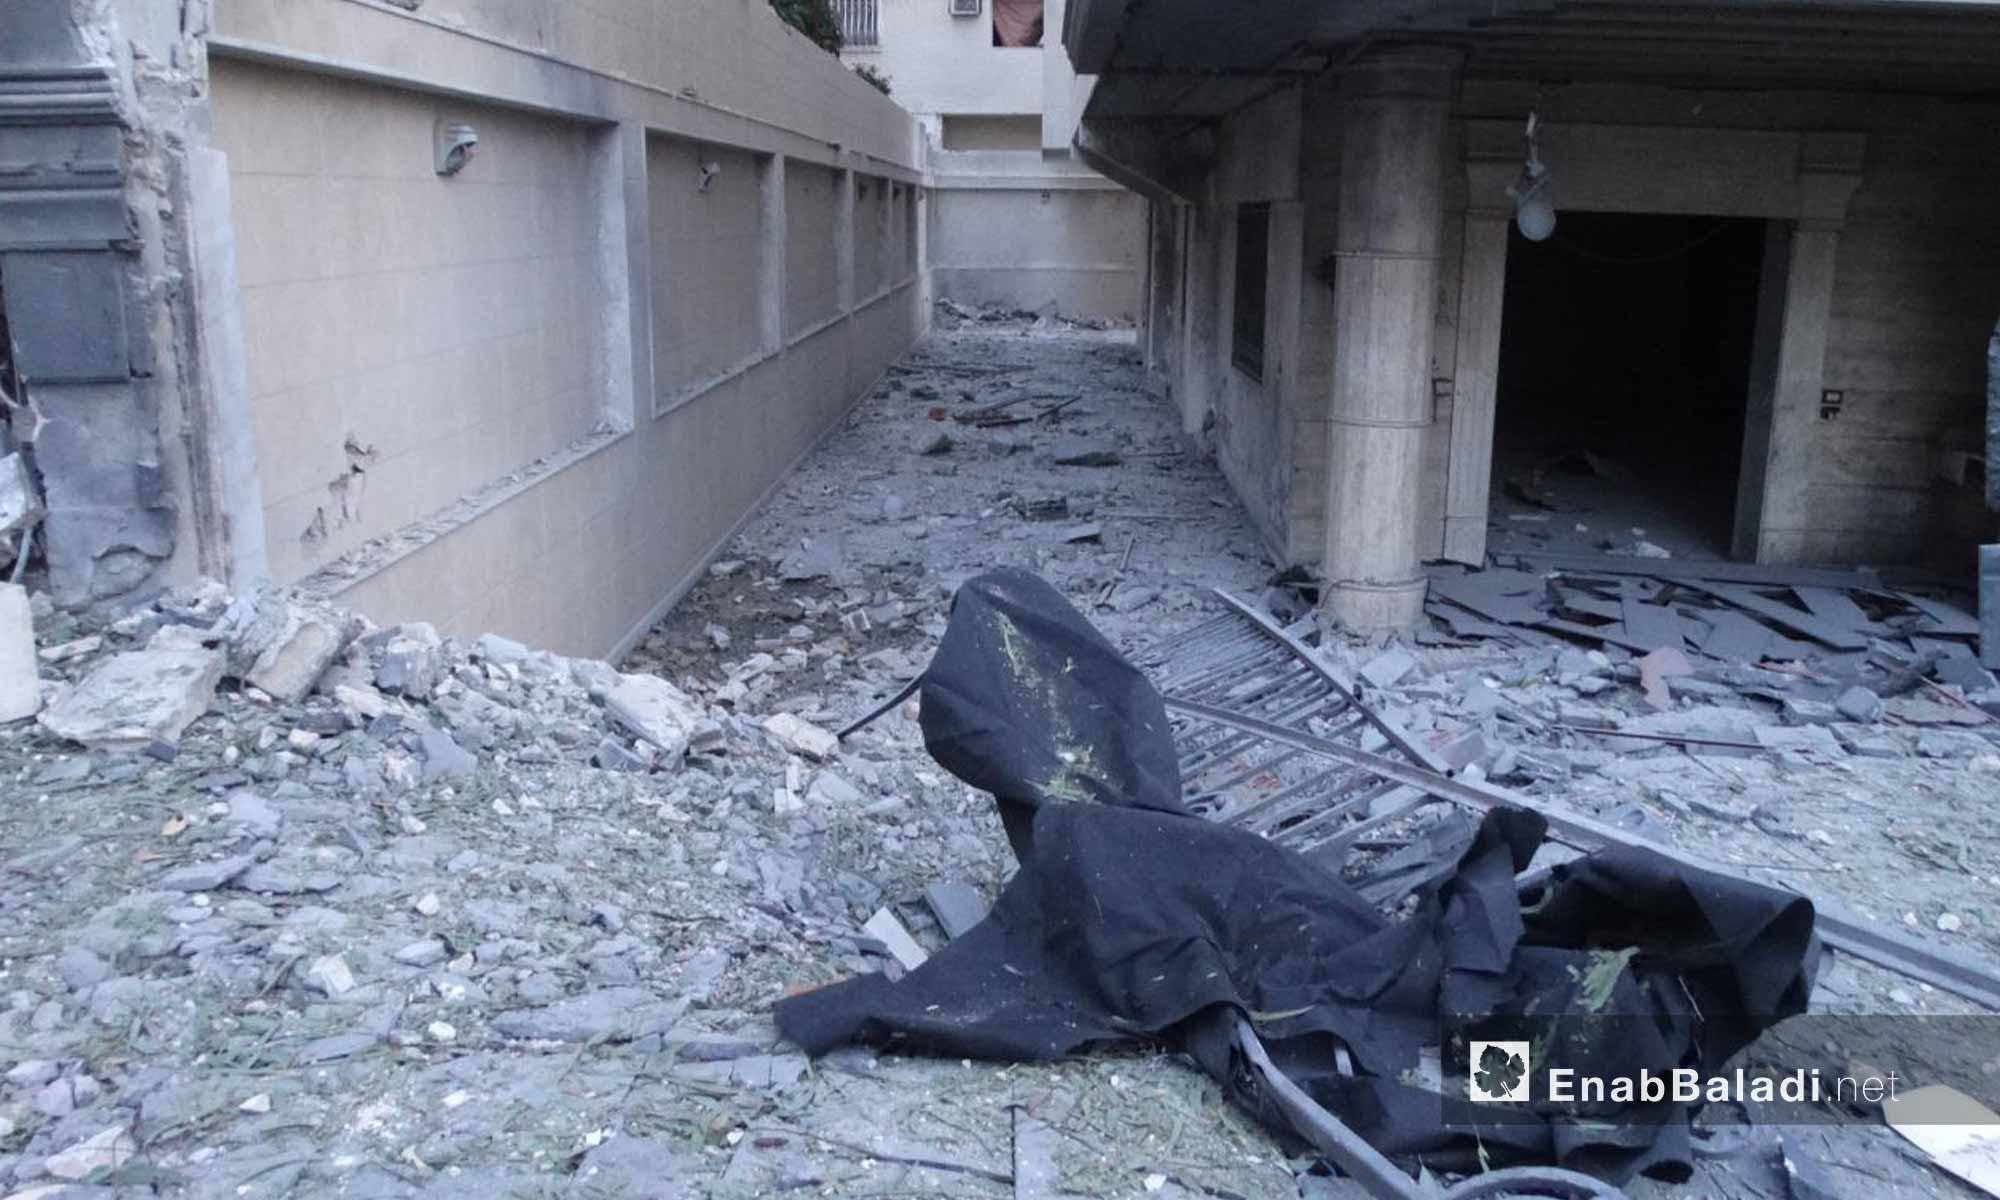 بناء مدمر إثر القصف على حي الوعر في حمص - 16 تشرين الثاني 2016 (عنب بلدي)